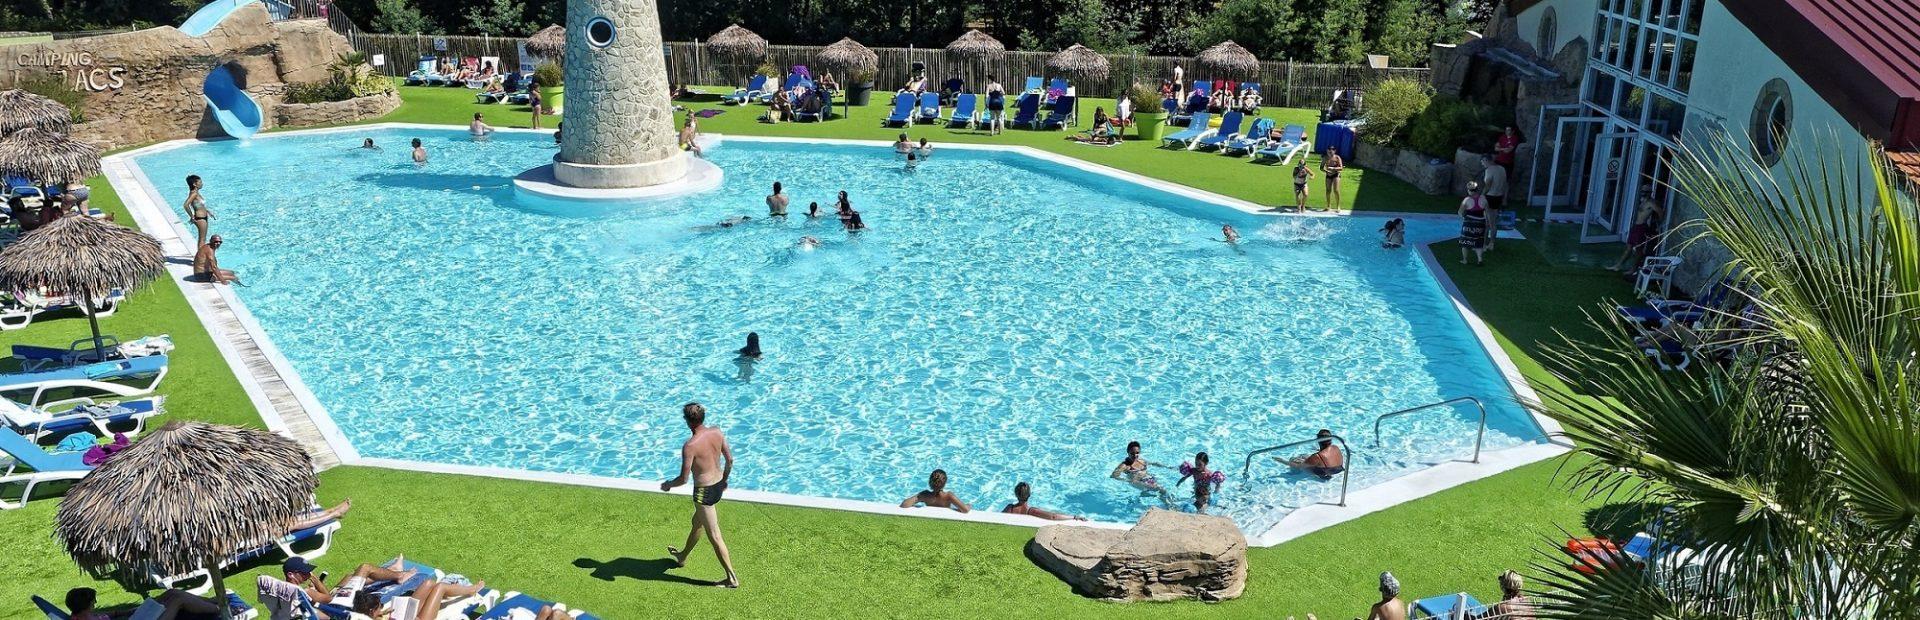 Camping 5 Étoiles En Aquitaine - Camping Les Lacs serapportantà Centre Aquatique Des Hauts De Bayonne Piscine Bayonne